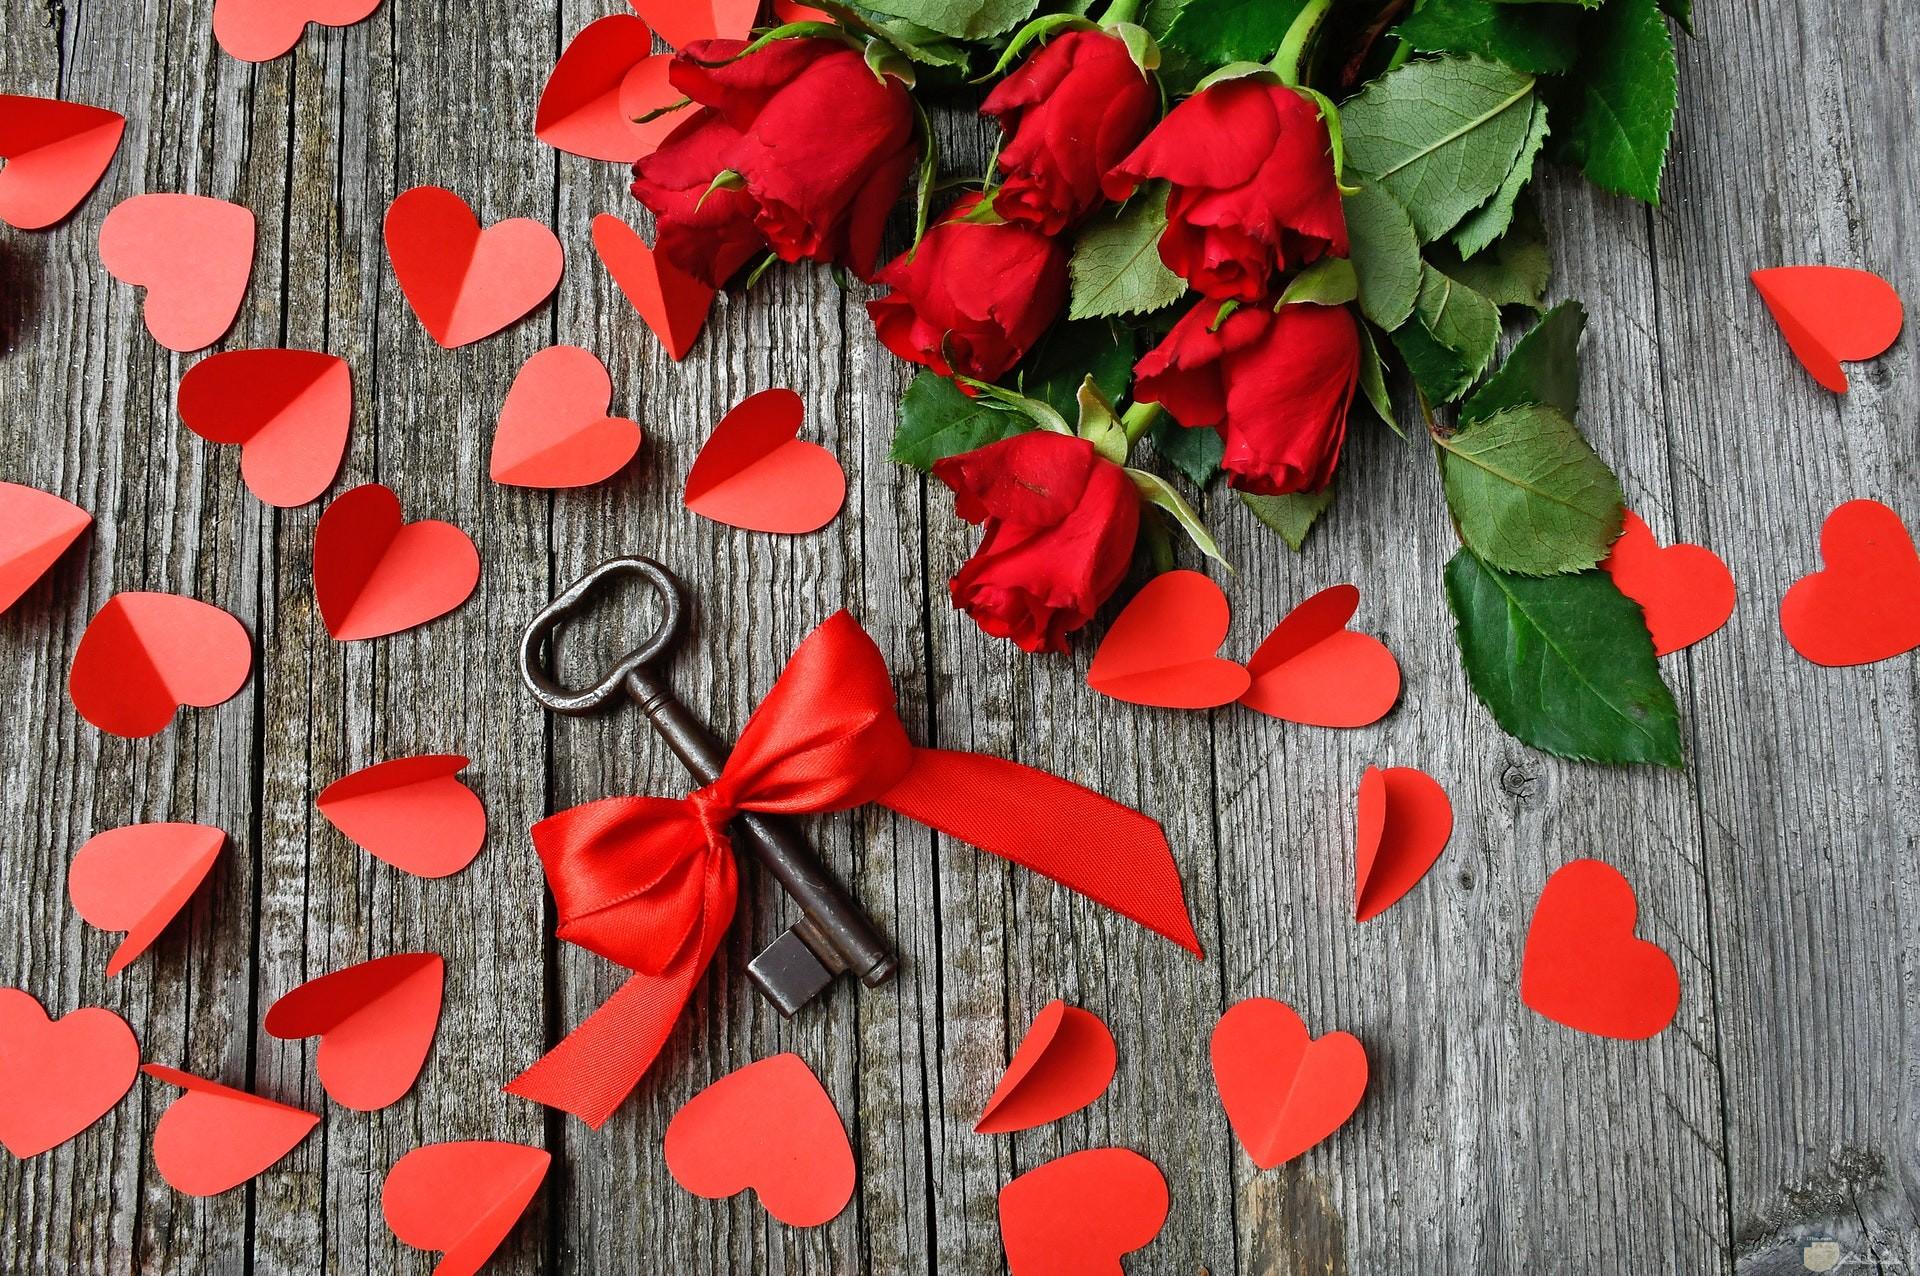 صورة لقلوب حمراء جميلة ورومانسية بجانبها ورود حمراءة رائعة